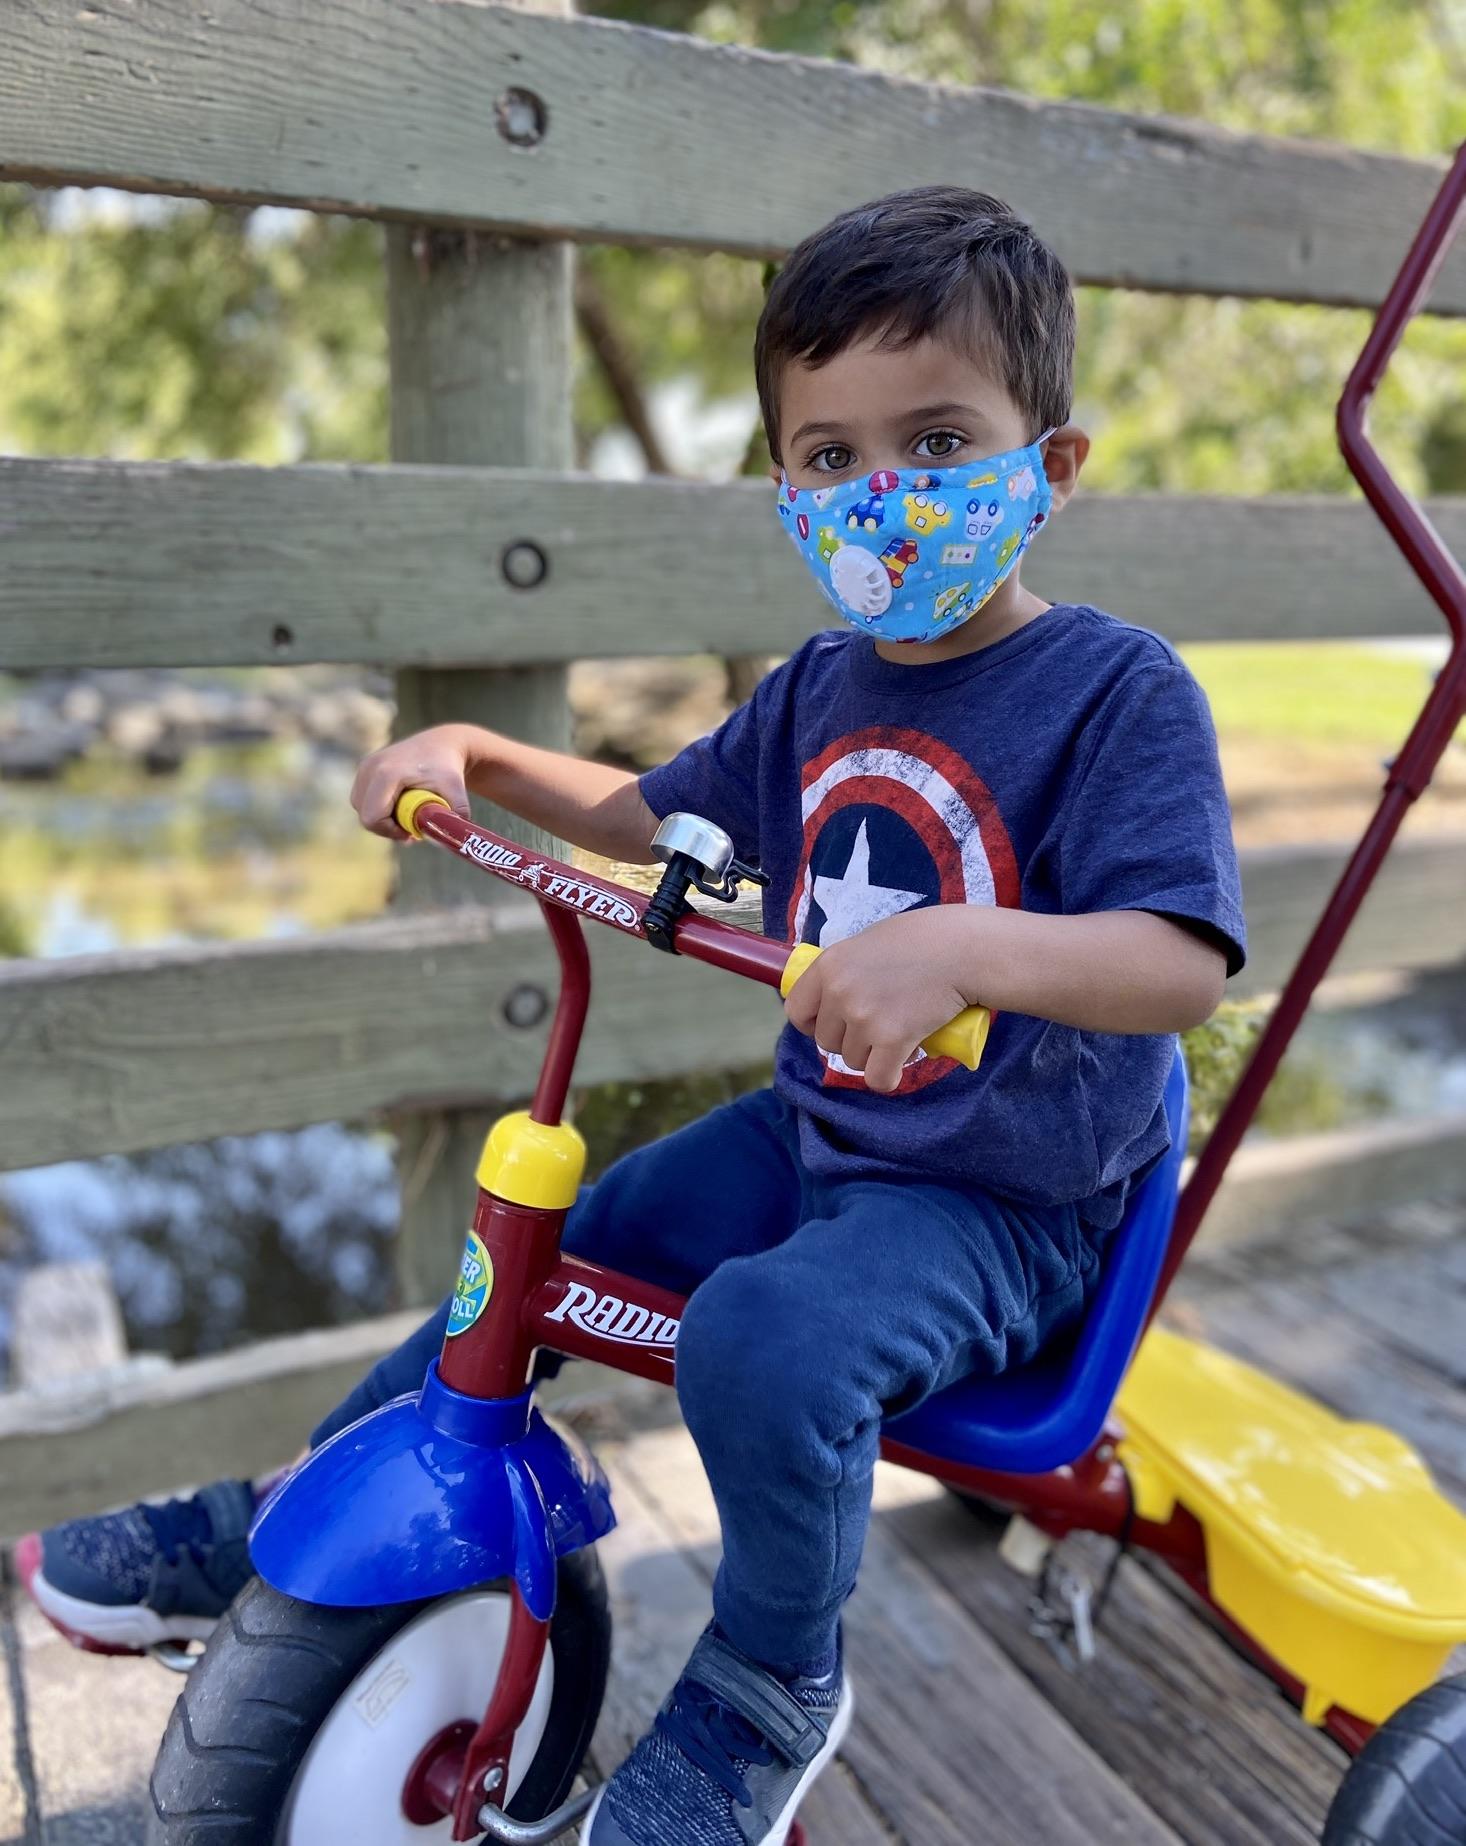 kid wearing a mask on a bike